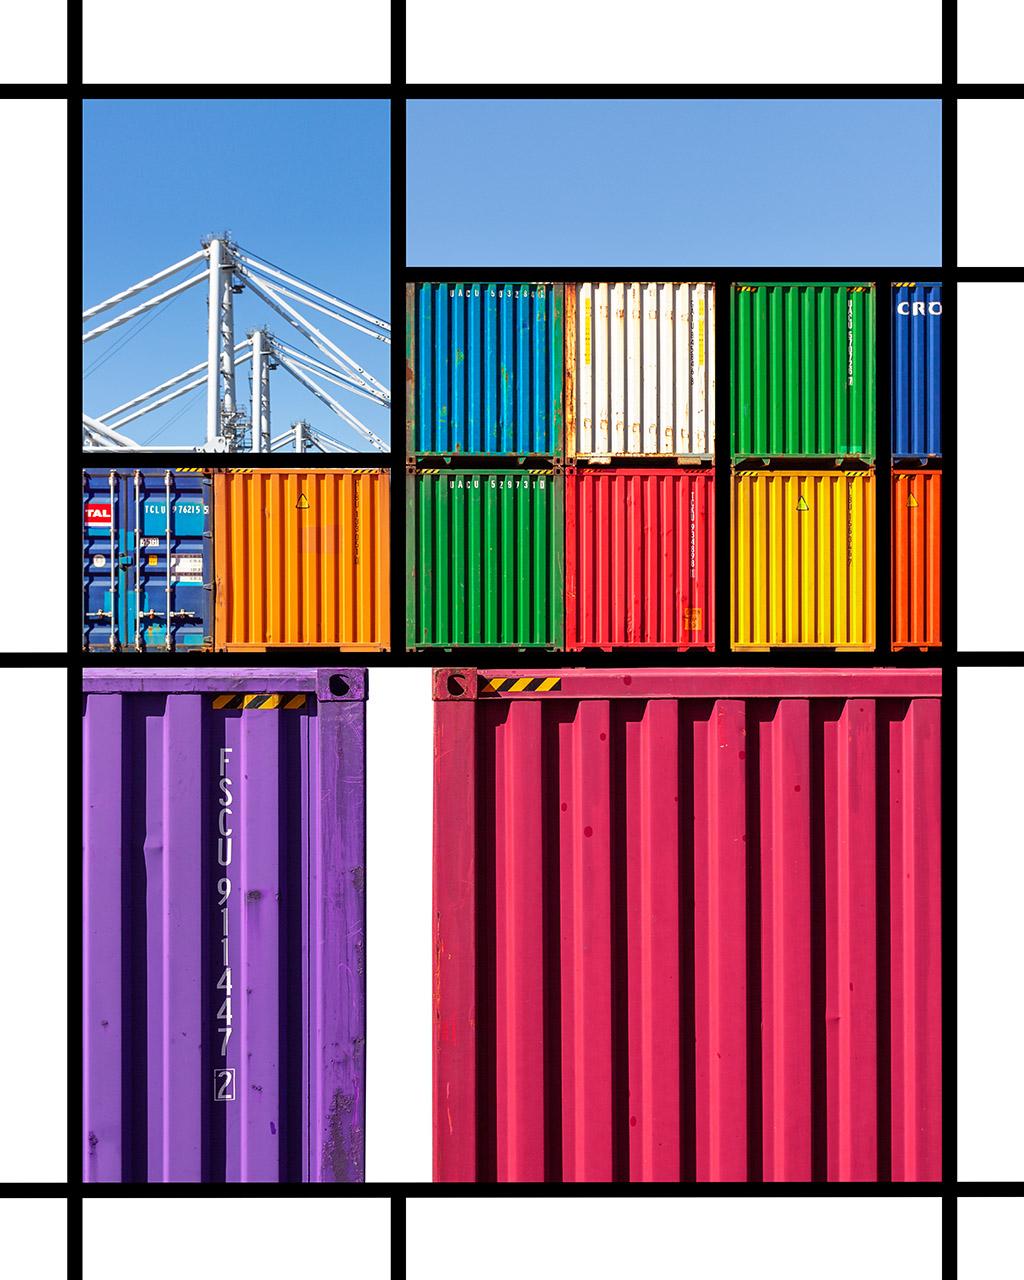 Port Mondrian 2 by Dan Kaufman, Studio Kaufman